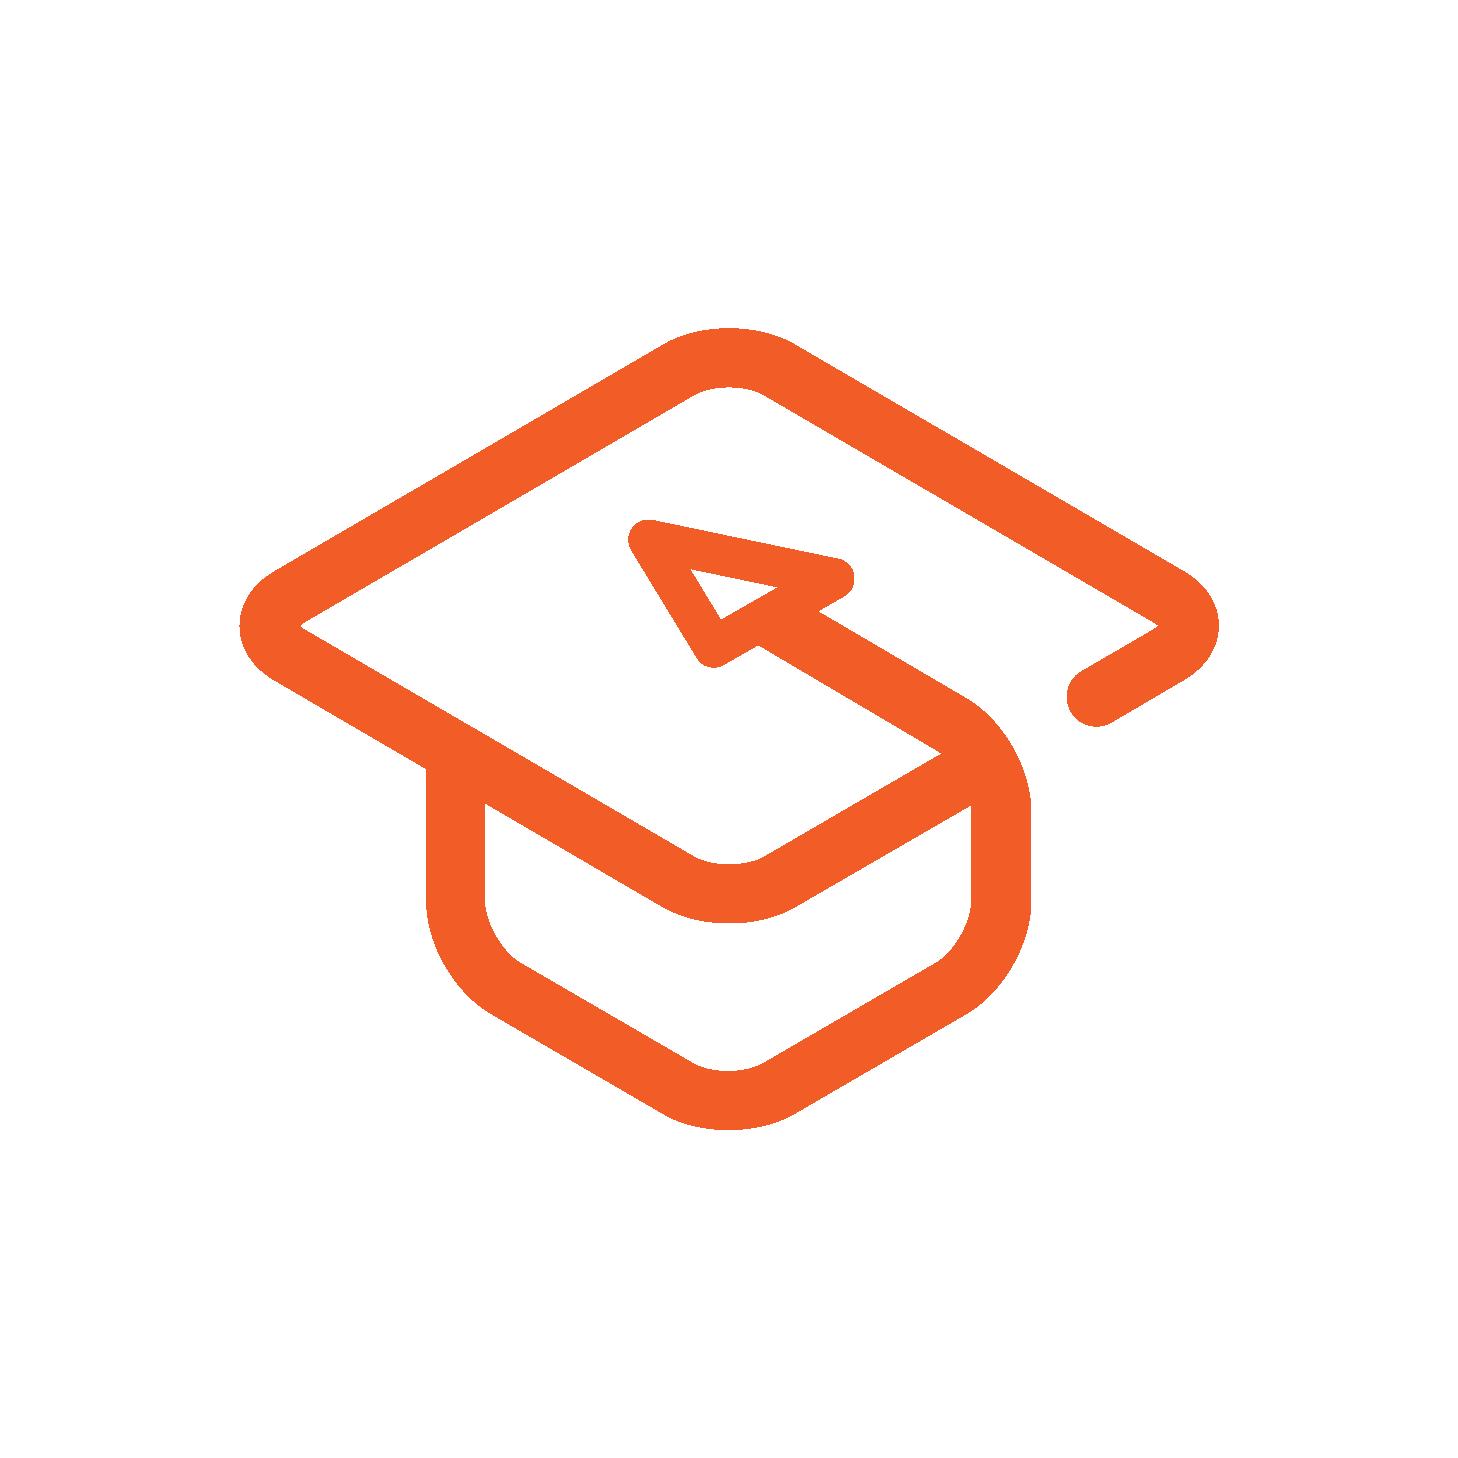 Scribbr - We're hiring!